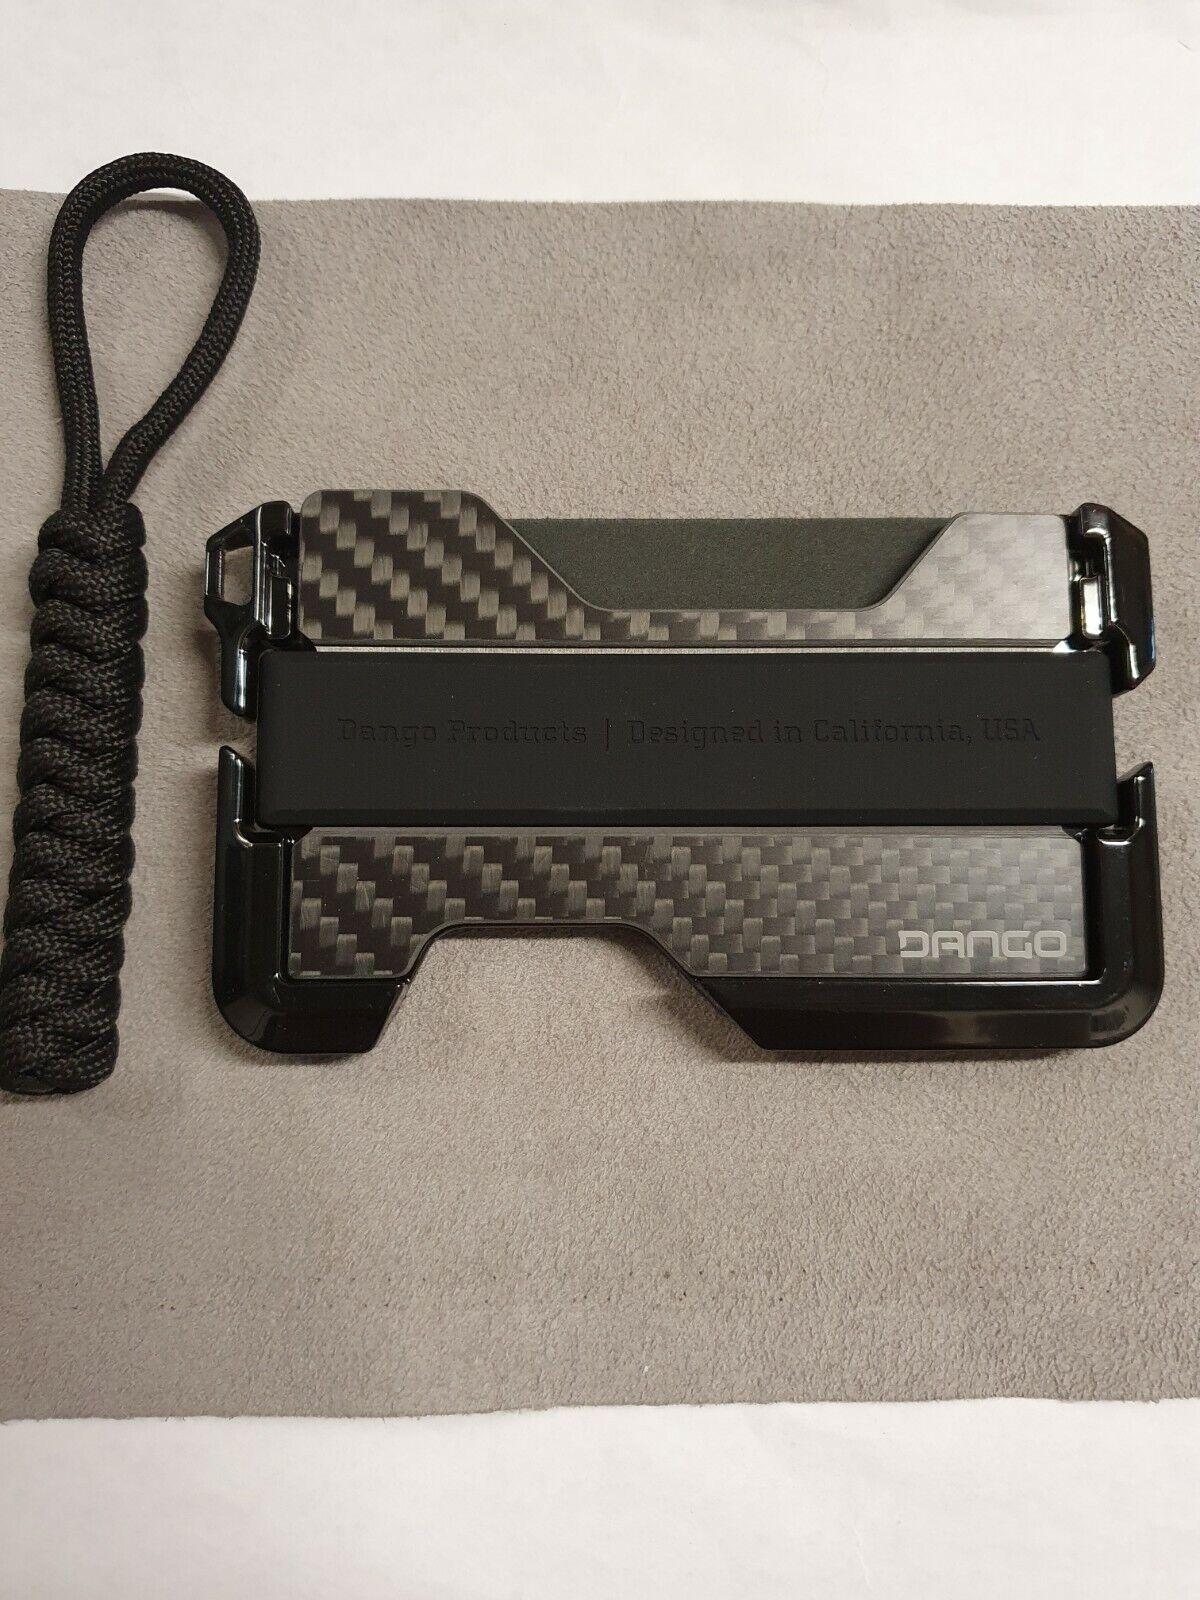 Dango Wallet - D01 R-Spec Black Single Pocket Wallet (Used)